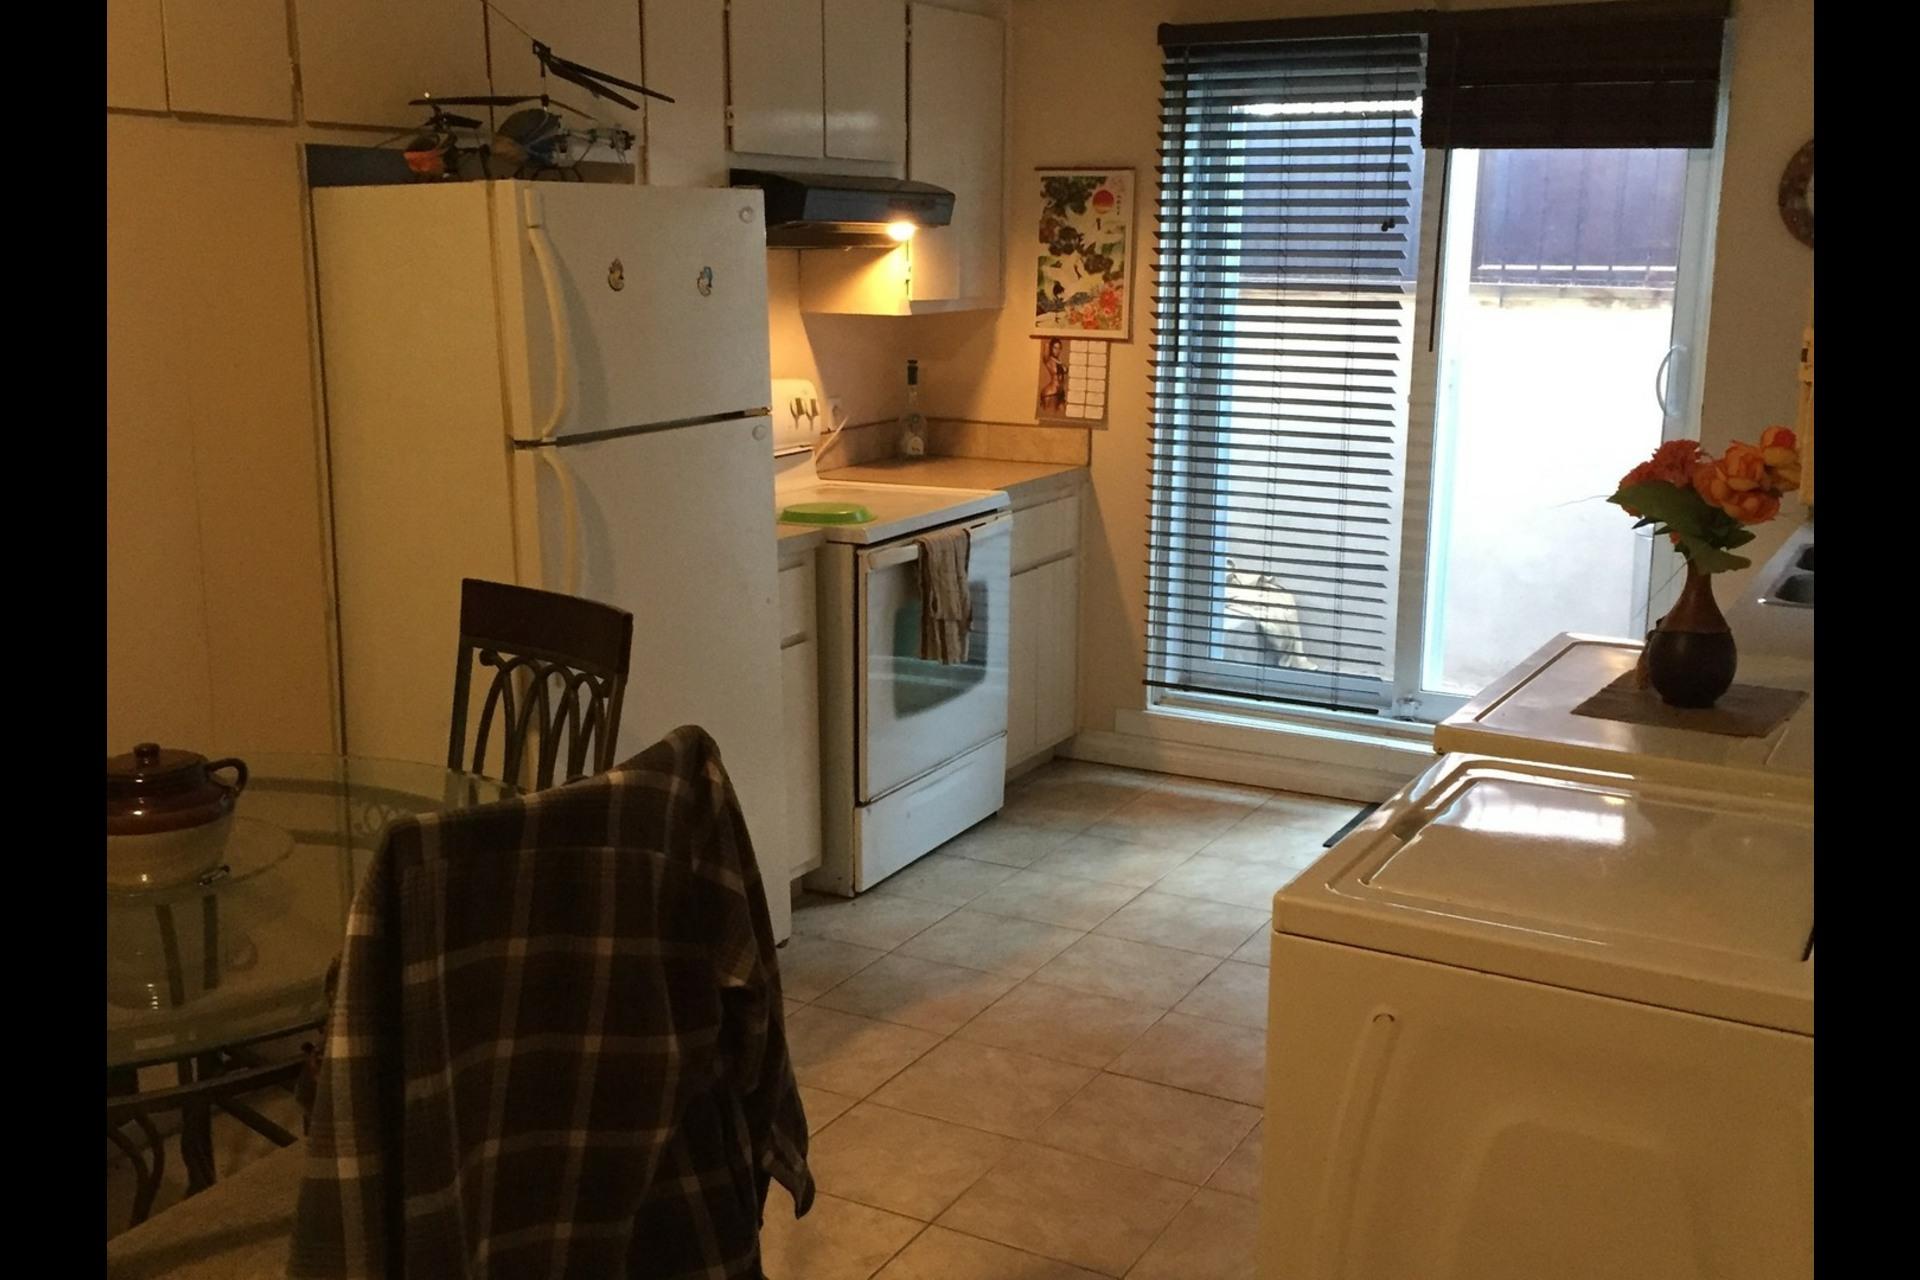 image 3 - Appartement À louer Montréal Rivière-des-Prairies - 3 pièces